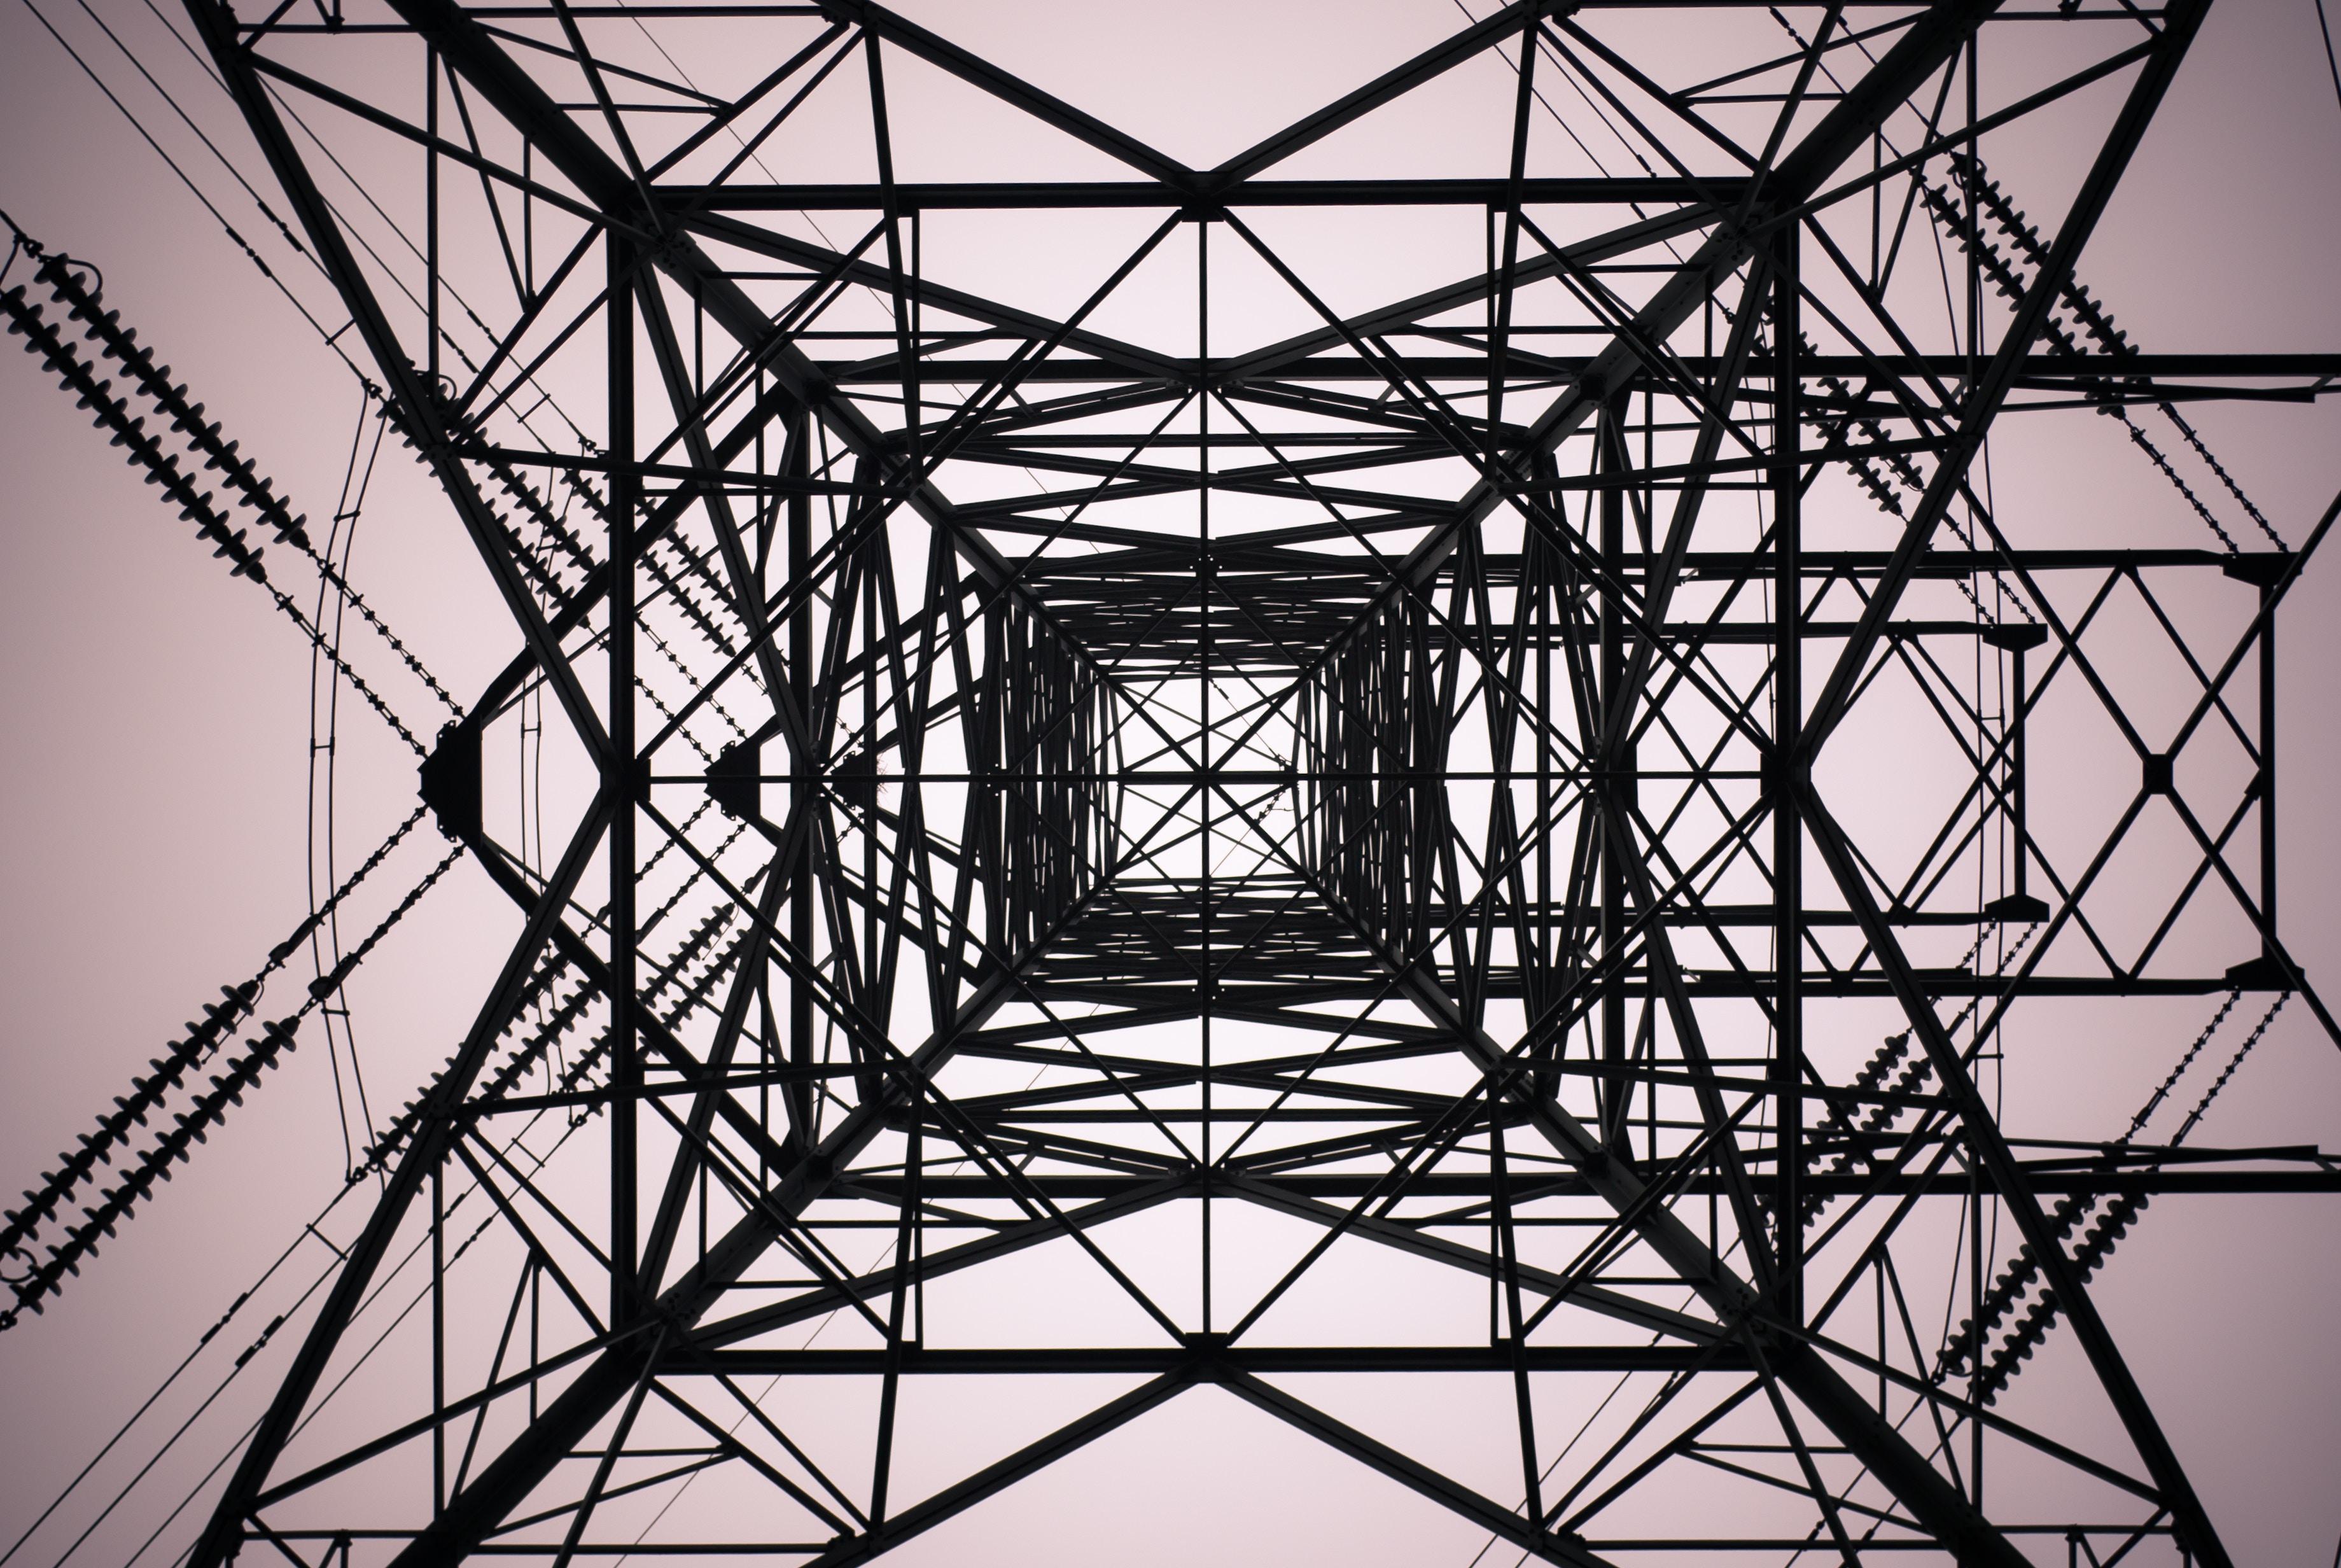 Eine Aufnahme von unten eines Freileitungsmastes beziehungsweise Strommastes